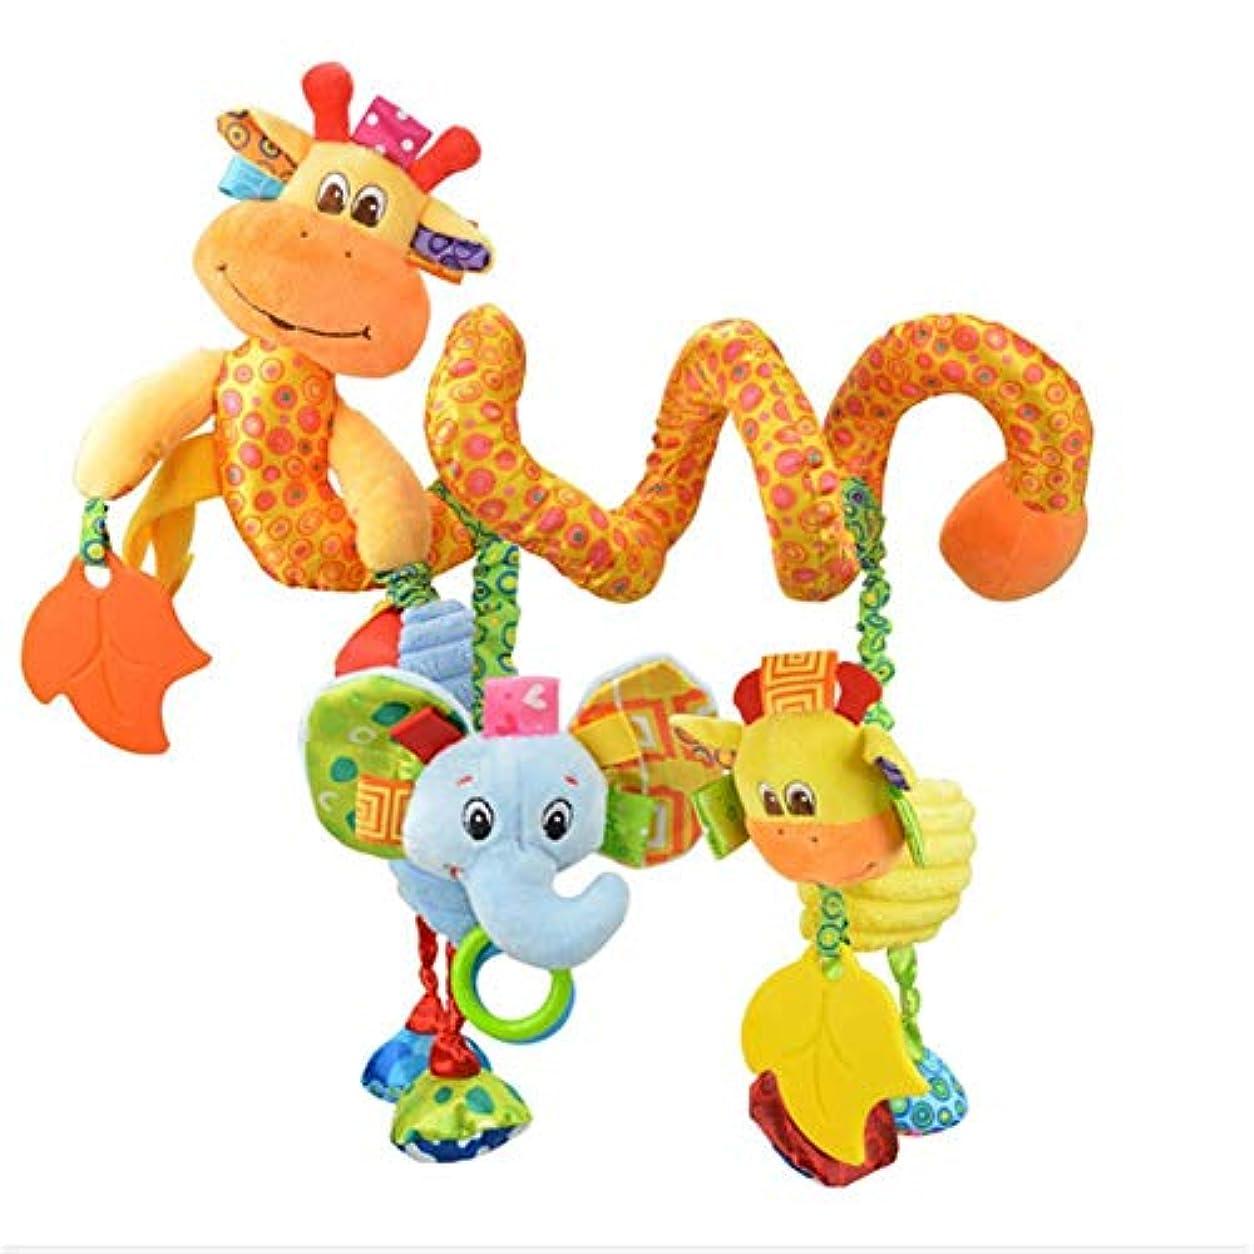 花に水をやるジョブ撤退YGHTXt 生まれた赤ちゃんのおもちゃ 0-12ヶ月 ぬいぐるみ ベビーカー おもちゃ 動物 ベビープラム ベッド ハンギング 教育 赤ちゃん ガラガラ おもちゃ ガラガラガラ Sa880409 One Size